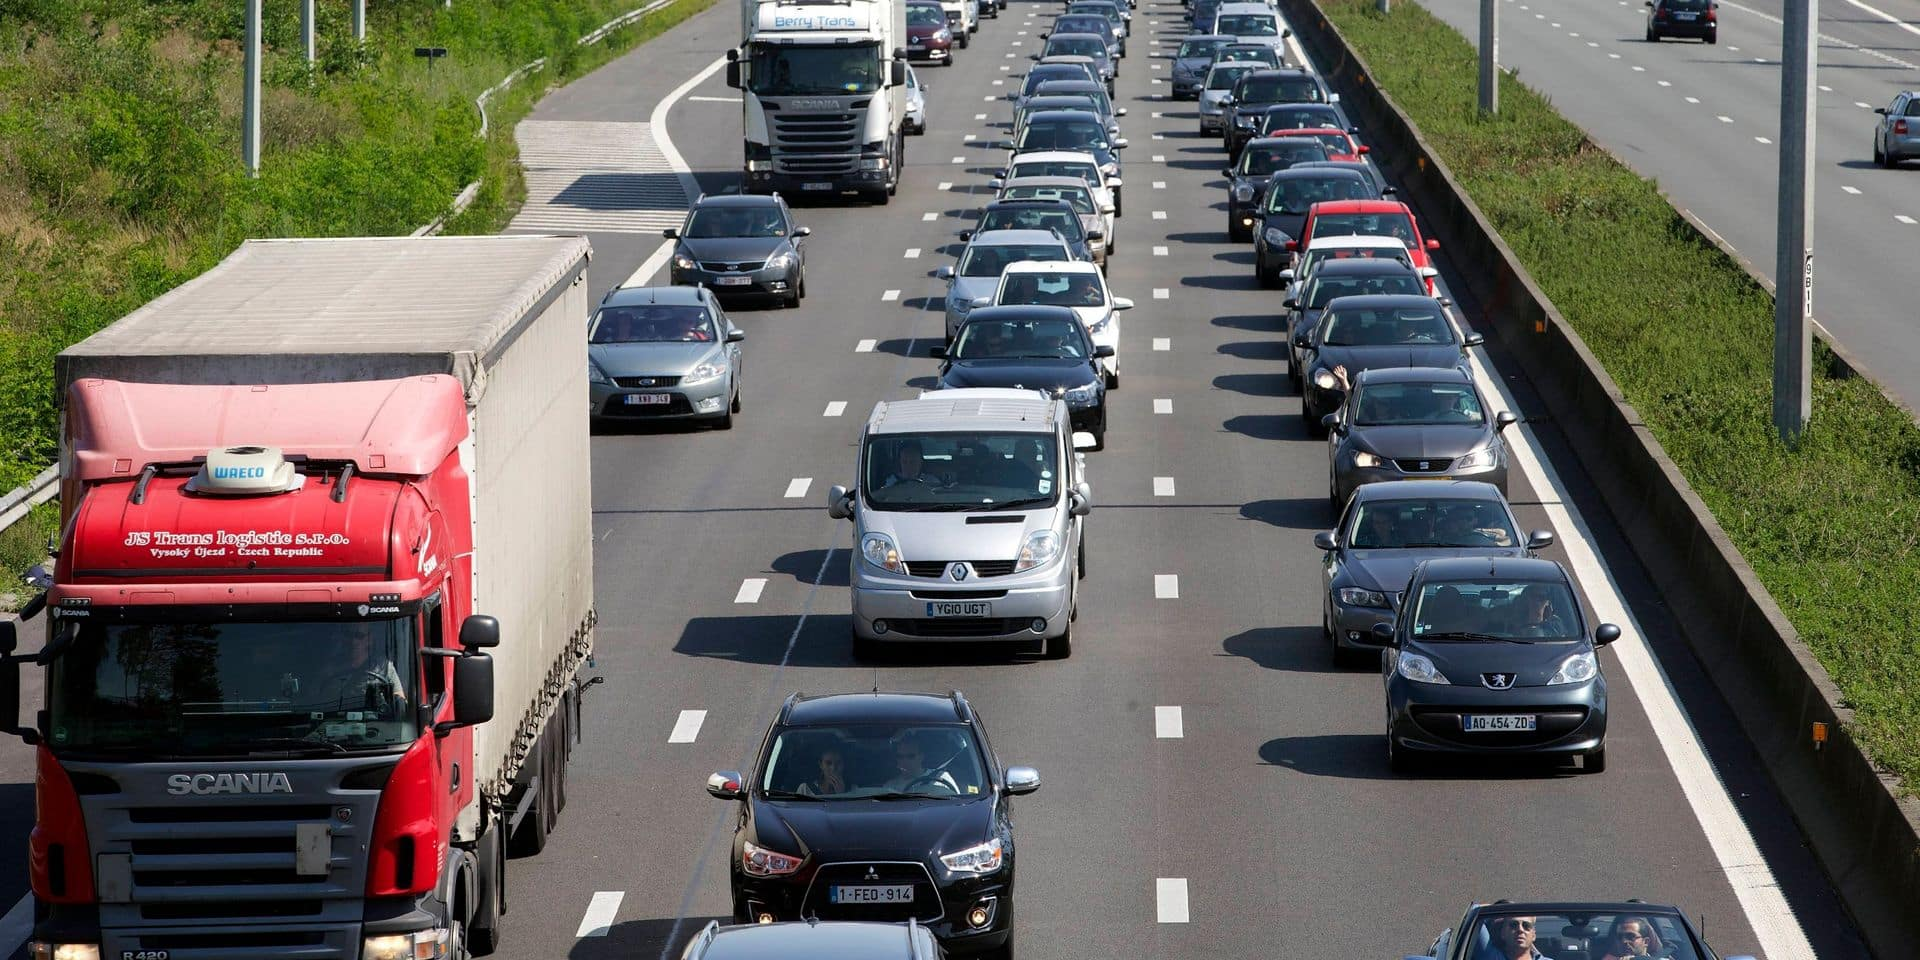 Départ en vacances : un week-end prochain chargé sur les routes